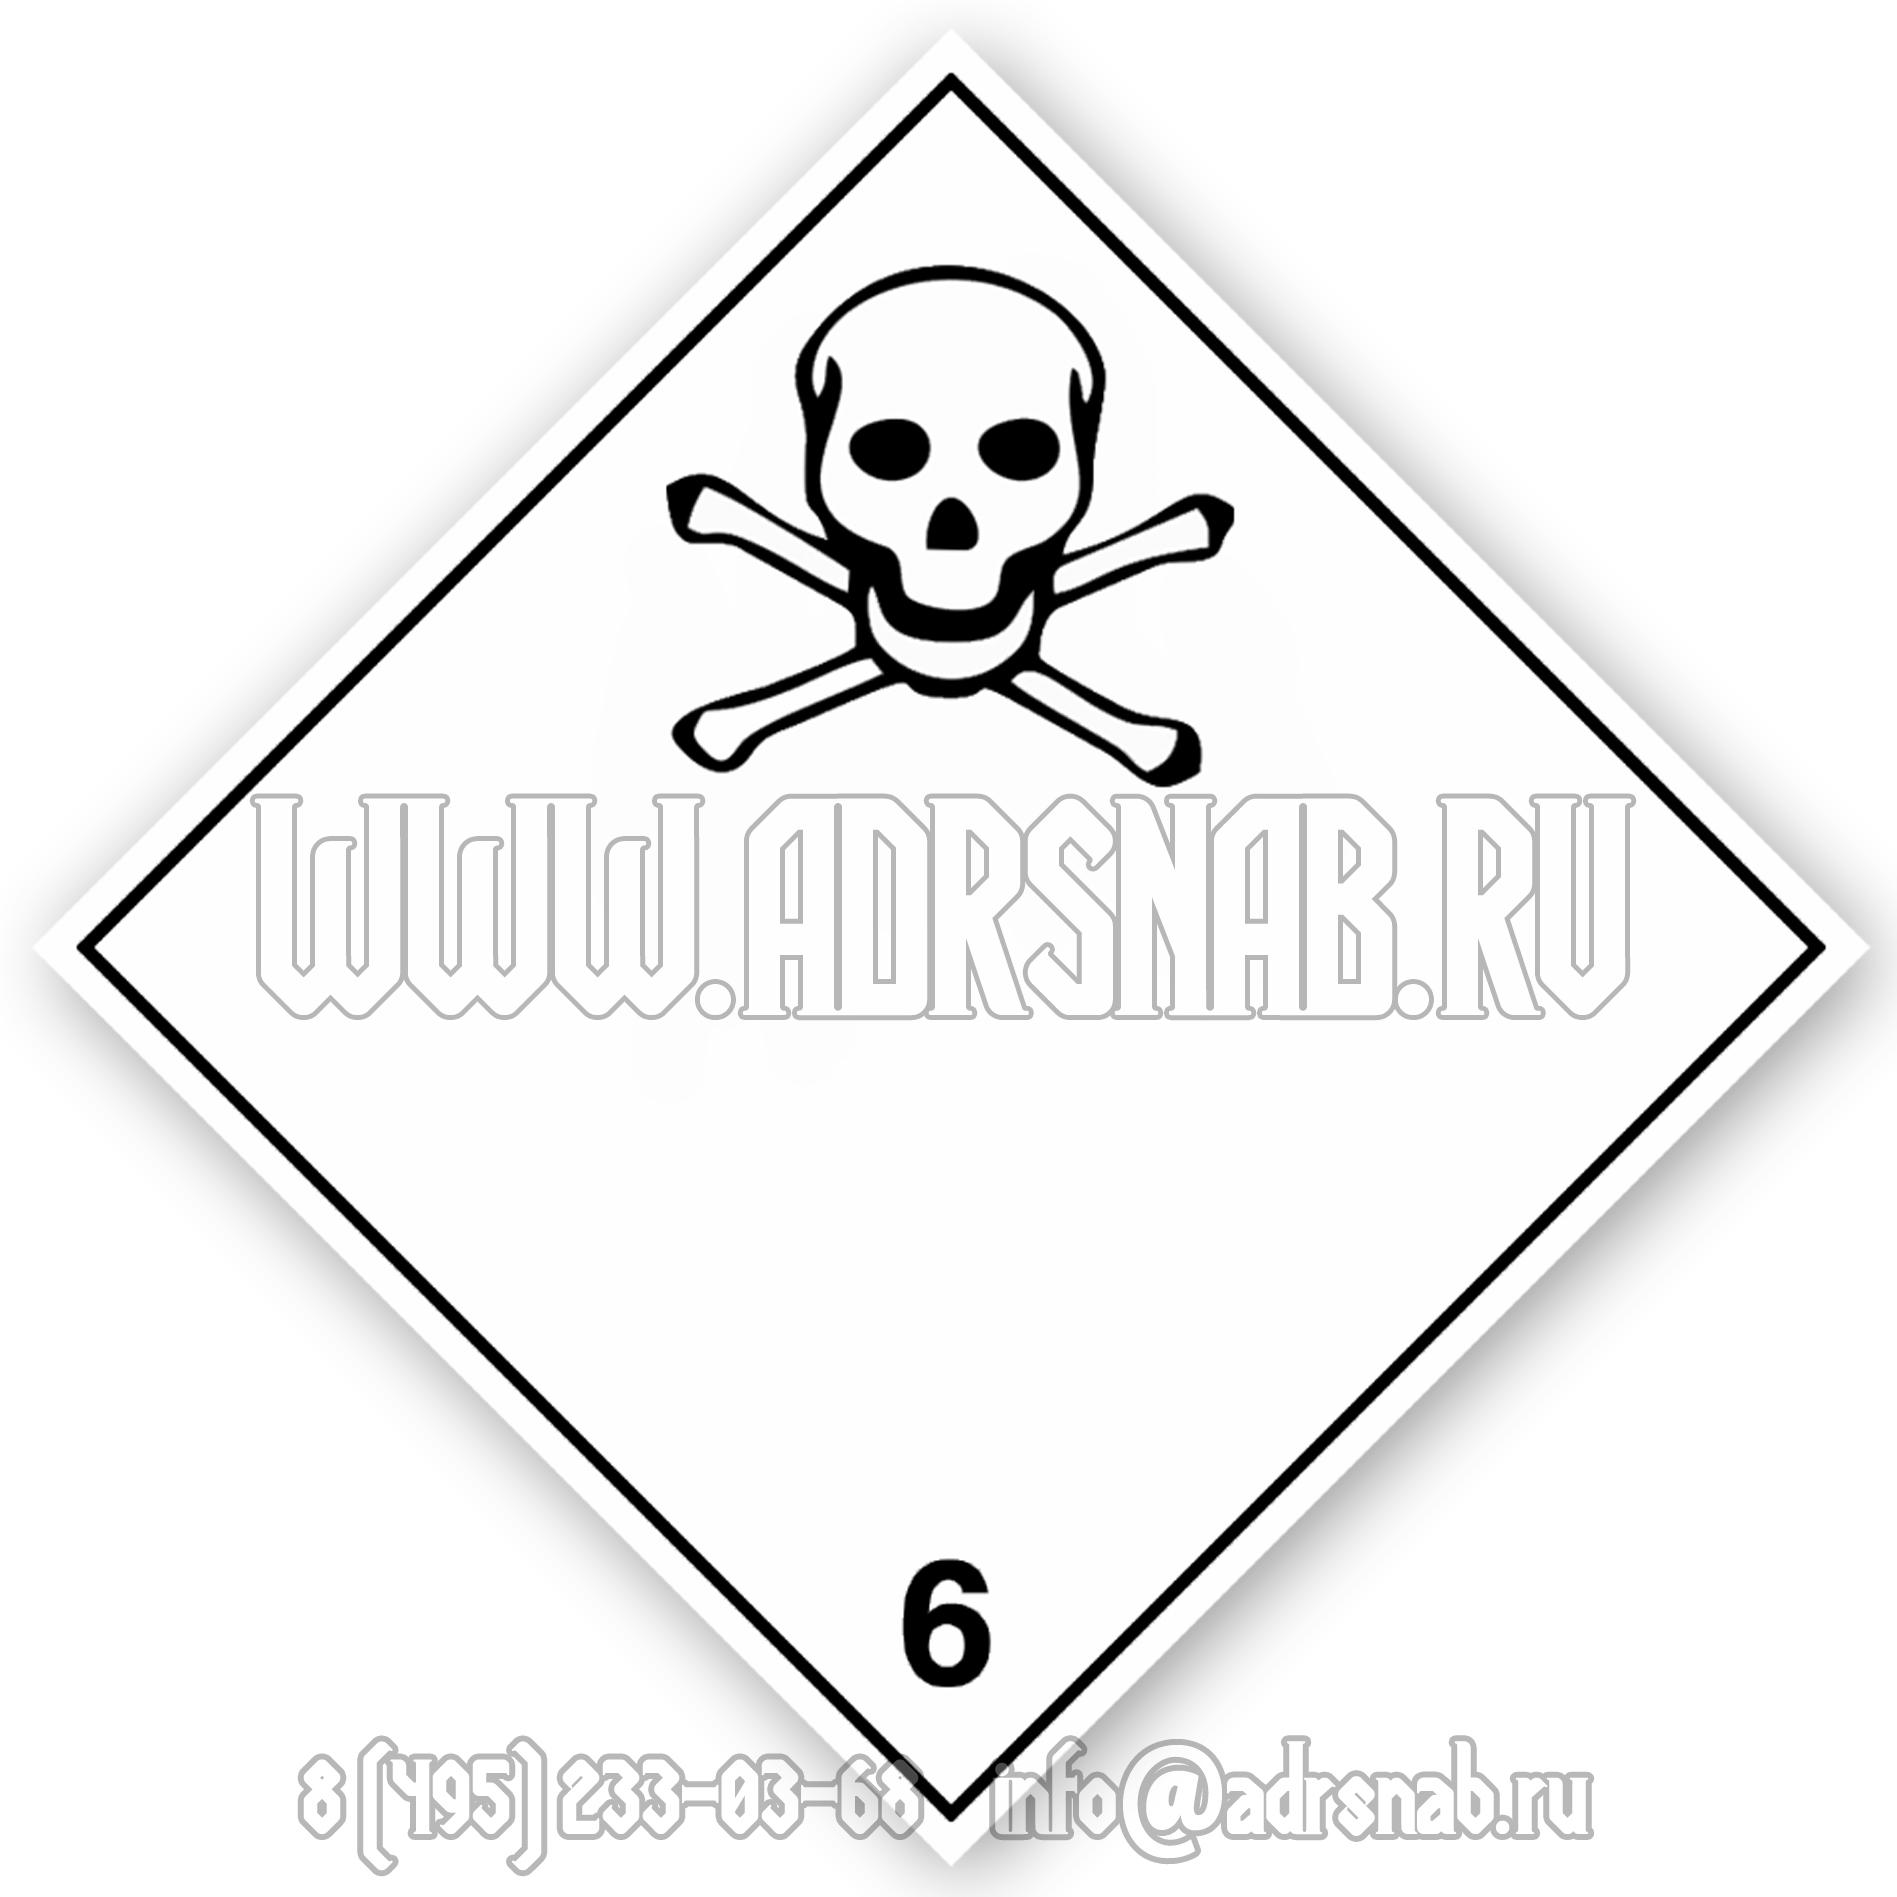 Большой знак опасности, класс 6.1